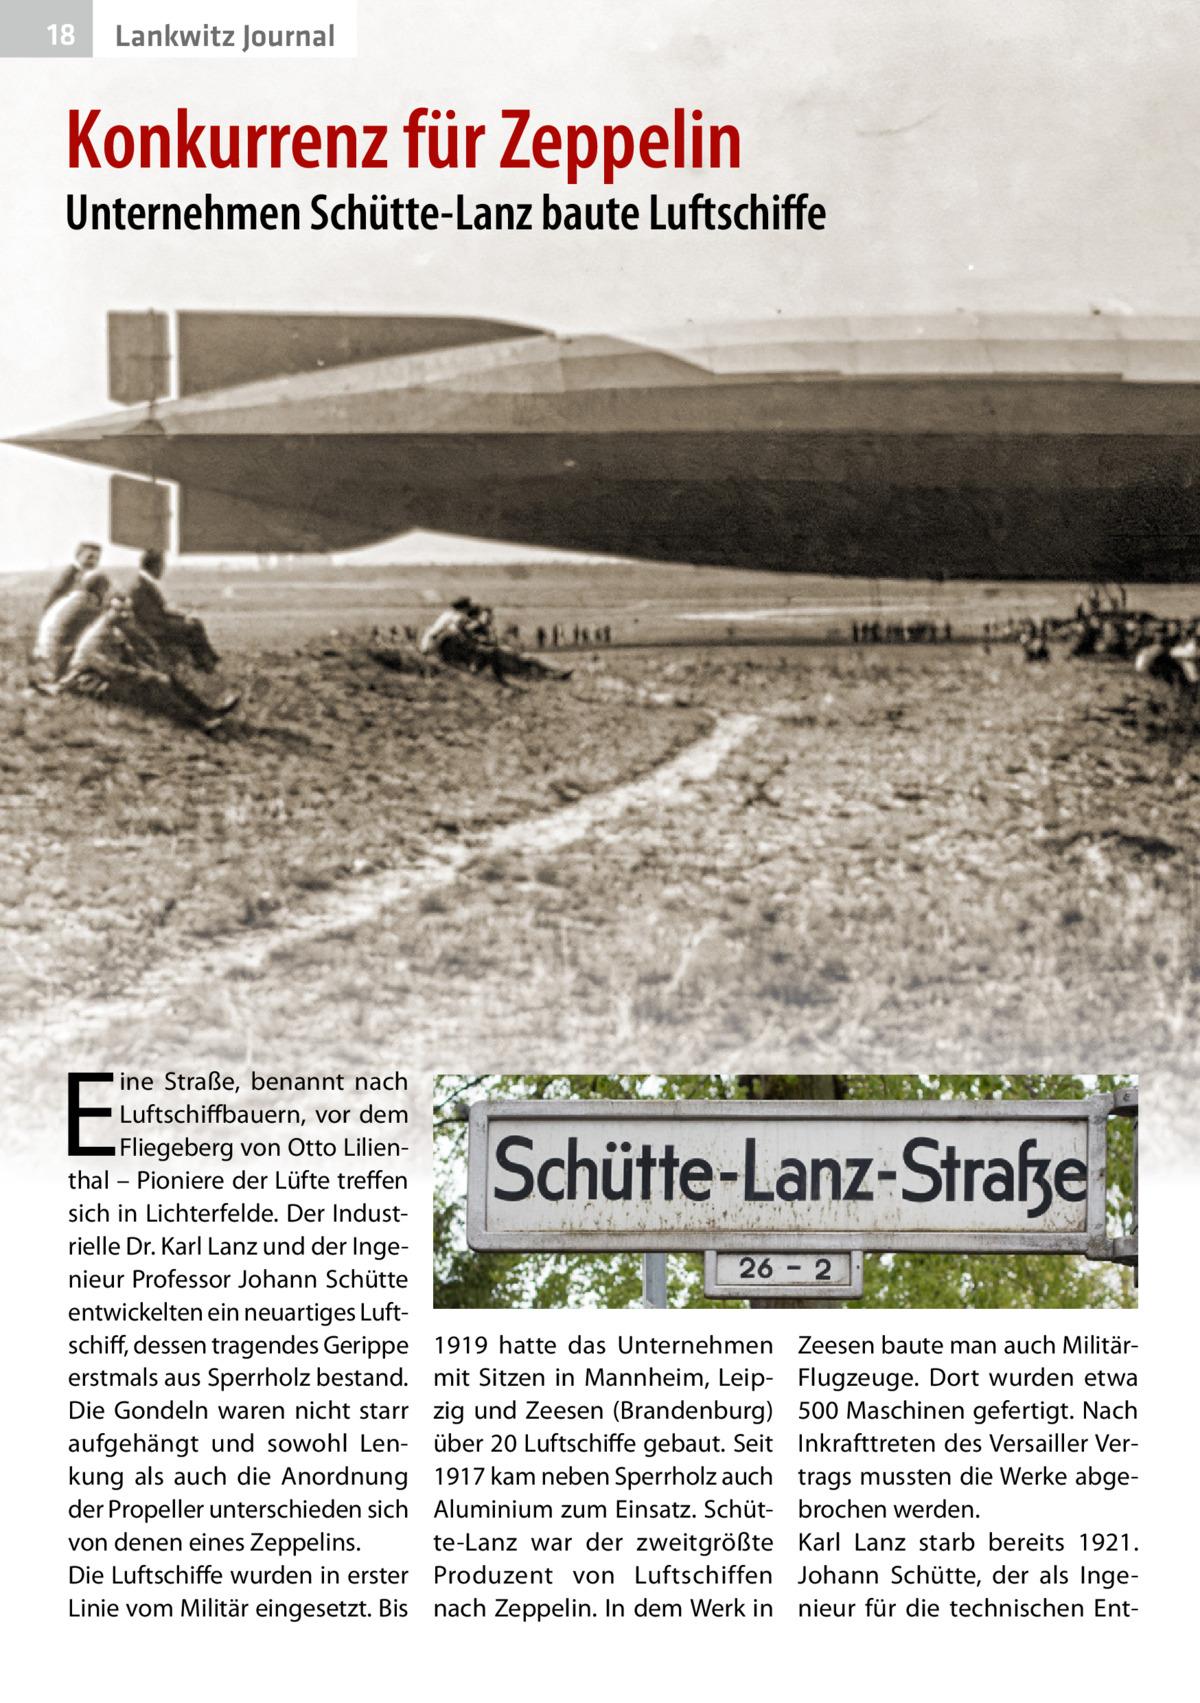 18  Lankwitz Journal  Konkurrenz für Zeppelin  Unternehmen Schütte-Lanz baute Luftschiffe  E  ine Straße, benannt nach Luftschiffbauern, vor dem Fliegeberg von Otto Lilienthal – Pioniere der Lüfte treffen sich in Lichterfelde. Der Industrielle Dr.Karl Lanz und der Ingenieur Professor Johann Schütte entwickelten ein neuartiges Luftschiff, dessen tragendes Gerippe erstmals aus Sperrholz bestand. Die Gondeln waren nicht starr aufgehängt und sowohl Lenkung als auch die Anordnung der Propeller unterschieden sich von denen eines Zeppelins. Die Luftschiffe wurden in erster Linie vom Militär eingesetzt. Bis  1919 hatte das Unternehmen mit Sitzen in Mannheim, Leipzig und Zeesen (Brandenburg) über 20Luftschiffe gebaut. Seit 1917 kam neben Sperrholz auch Aluminium zum Einsatz. Schütte-Lanz war der zweitgrößte Produzent von Luftschiffen nach Zeppelin. In dem Werk in  Zeesen baute man auch MilitärFlugzeuge. Dort wurden etwa 500Maschinen gefertigt. Nach Inkrafttreten des Versailler Vertrags mussten die Werke abgebrochen werden. Karl Lanz starb bereits 1921. Johann Schütte, der als Ingenieur für die technischen En